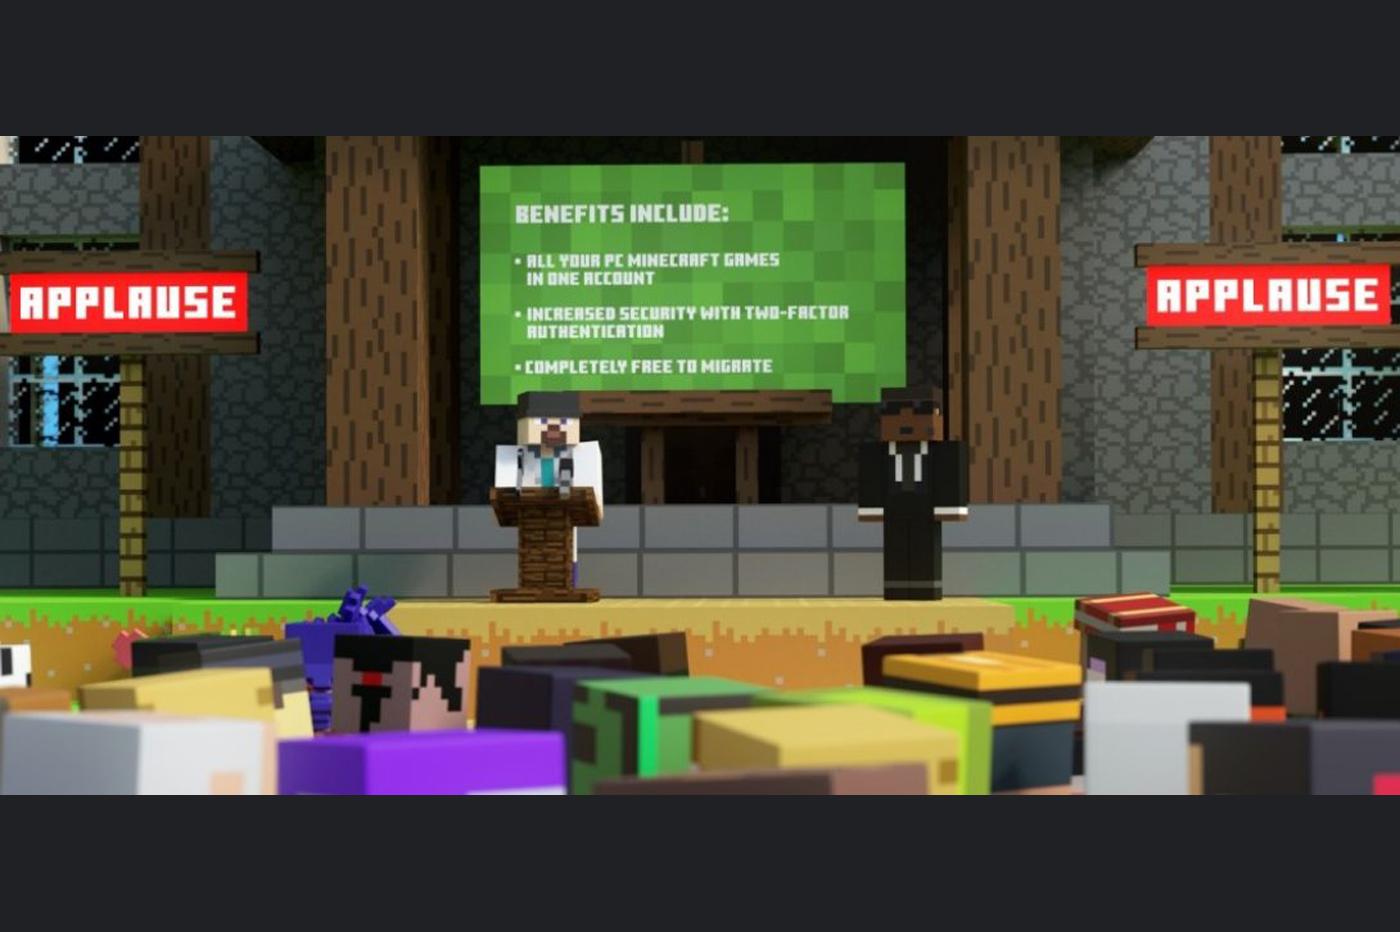 En 2021, Minecraft va imposer un compte Microsoft à tous les joueurs